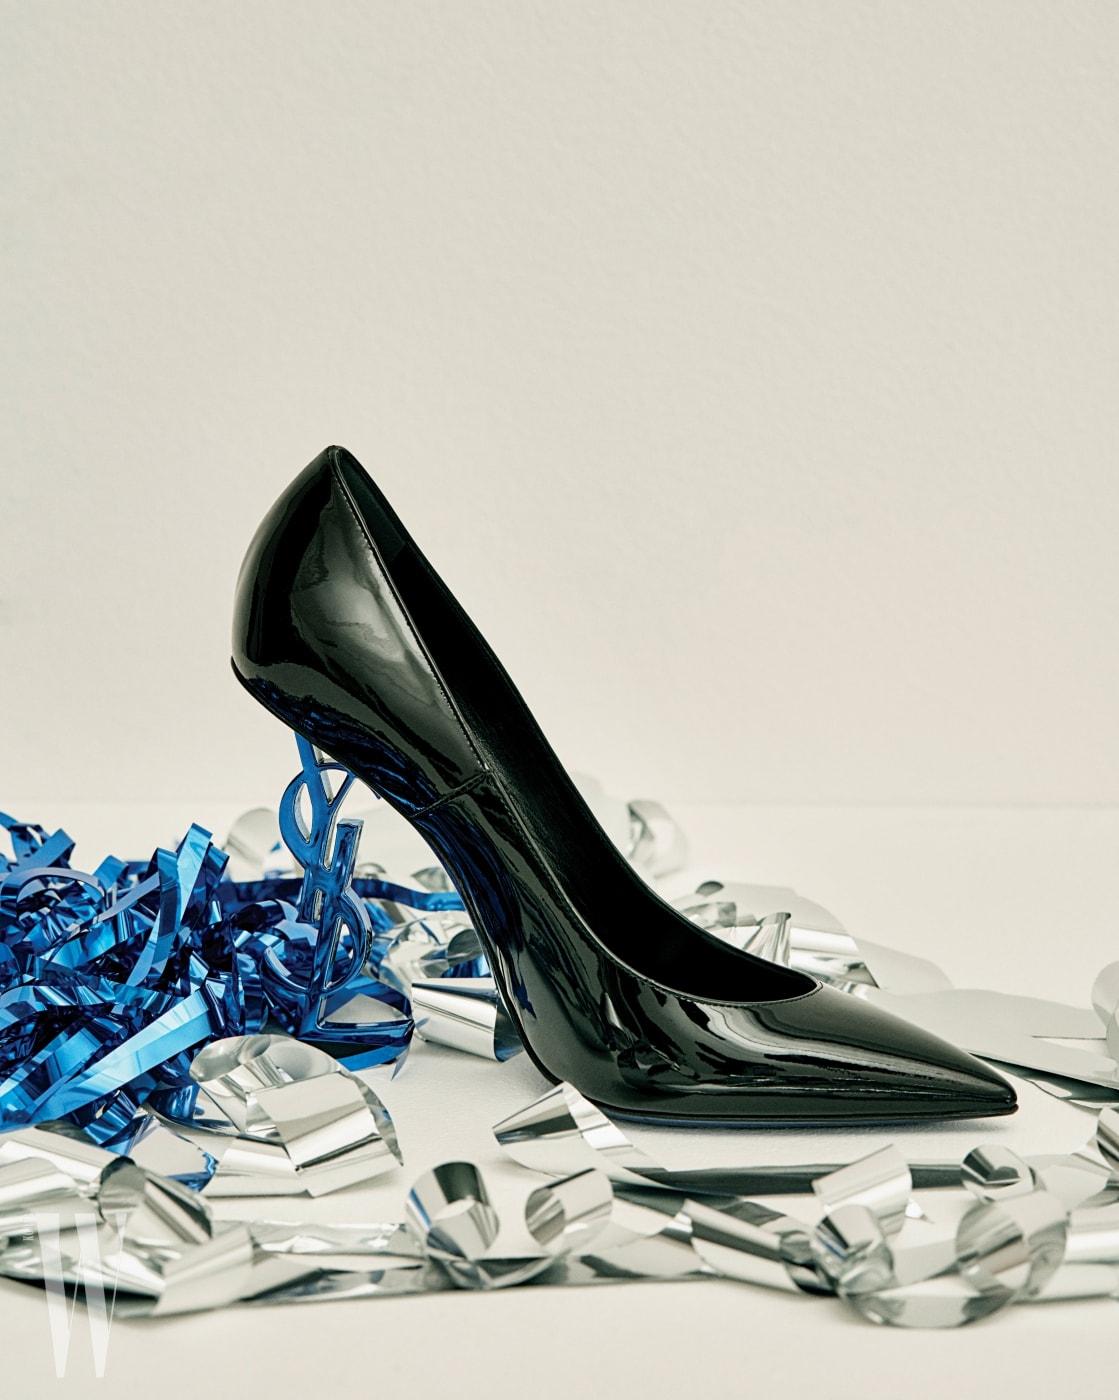 파란색 메탈 로고 힐의 오피움 펌프스는 생로랑 by 안토니 바카렐로 제품. 1백46만원.